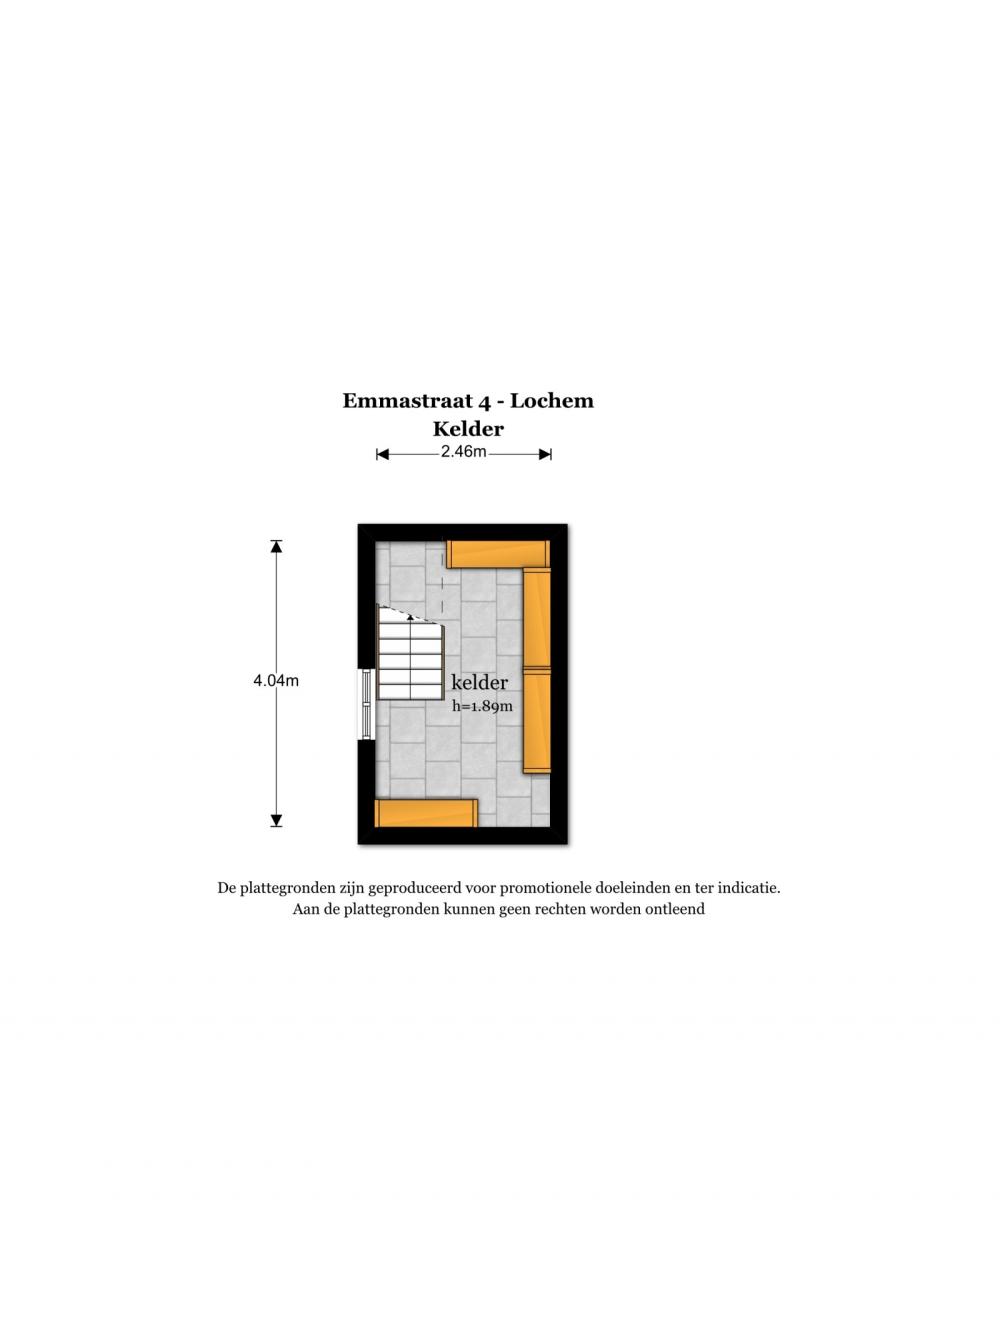 lochem-emmastraat-4